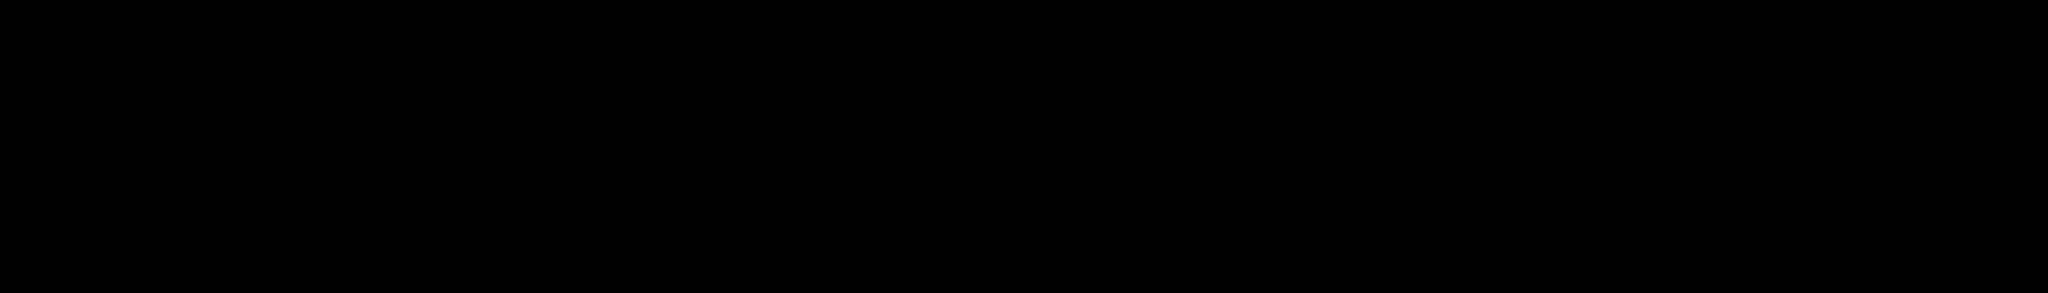 Linnemann Typelogo